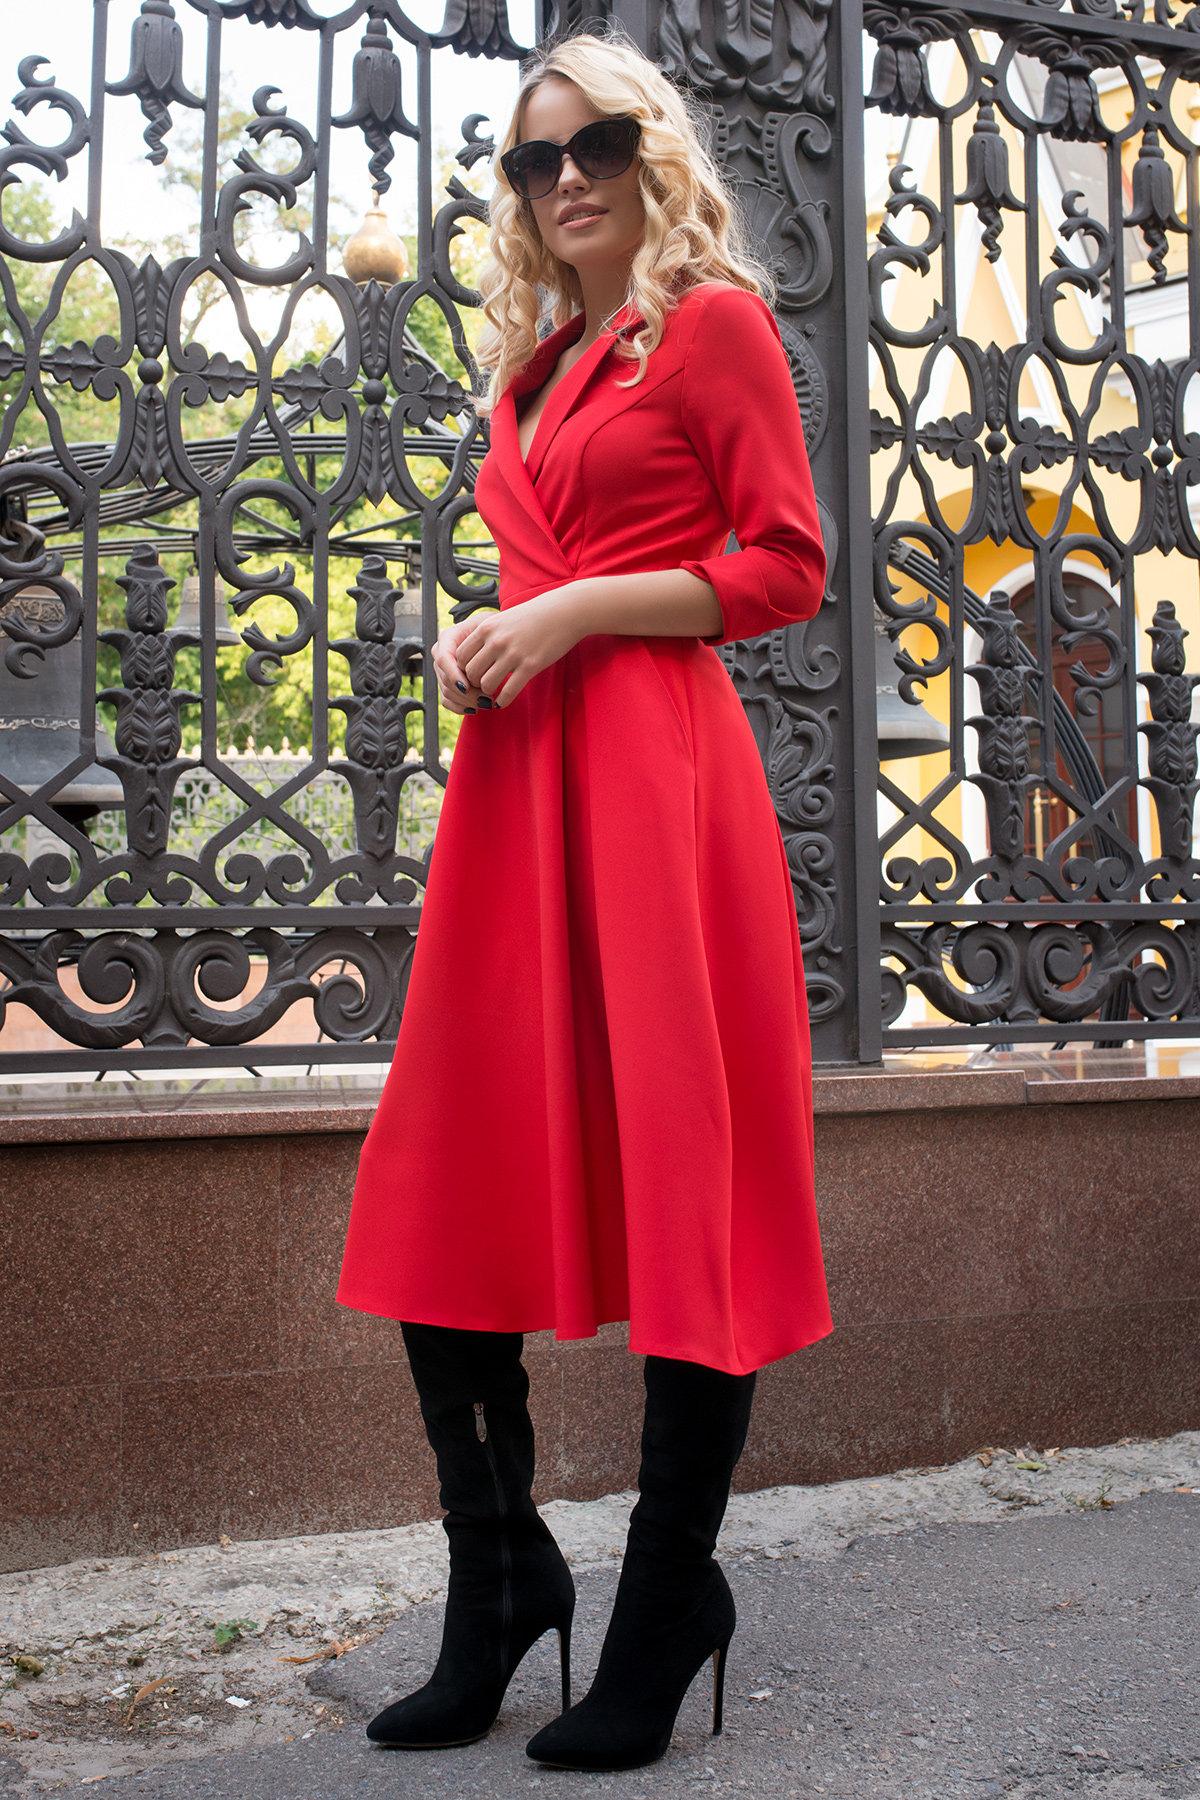 Платье в офис Артего 7832 АРТ. 43767 Цвет: Красный 4 - фото 5, интернет магазин tm-modus.ru